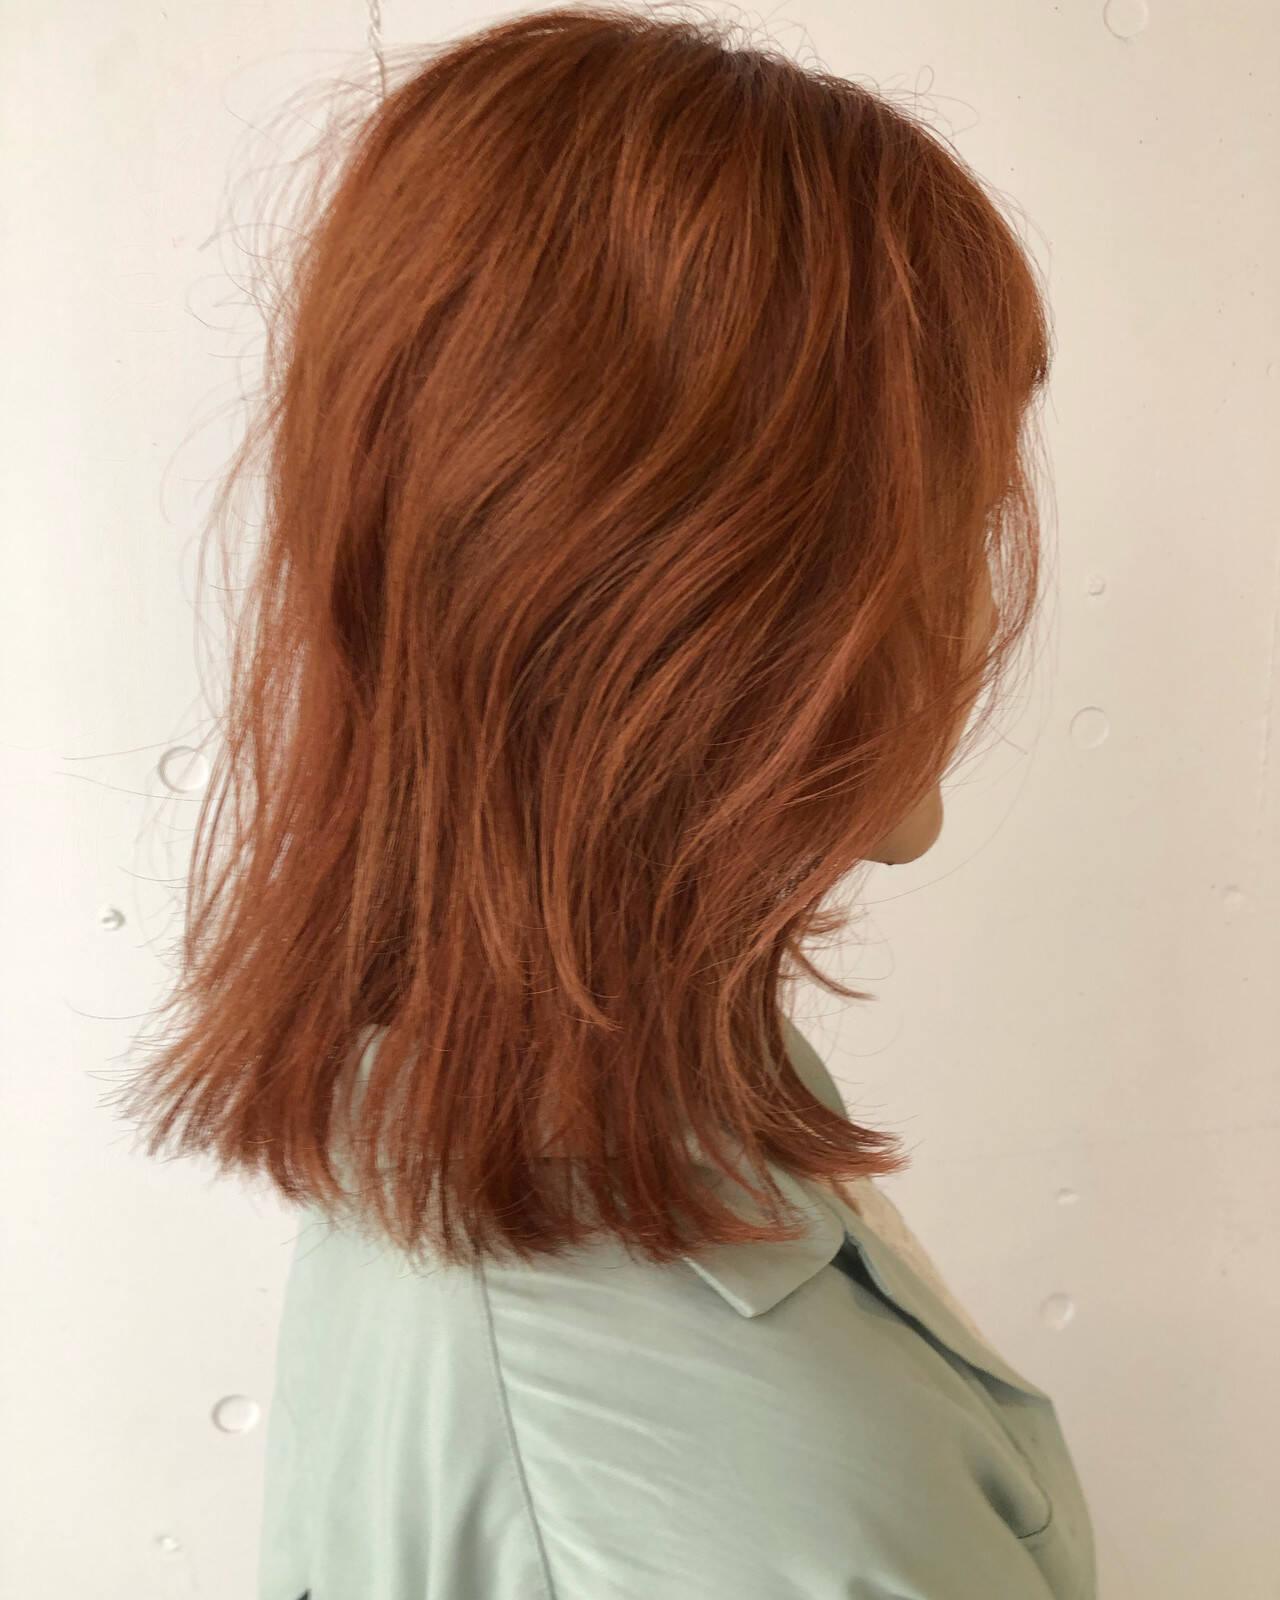 ミディアム ハイトーンカラー ダブルカラー レイヤーカットヘアスタイルや髪型の写真・画像